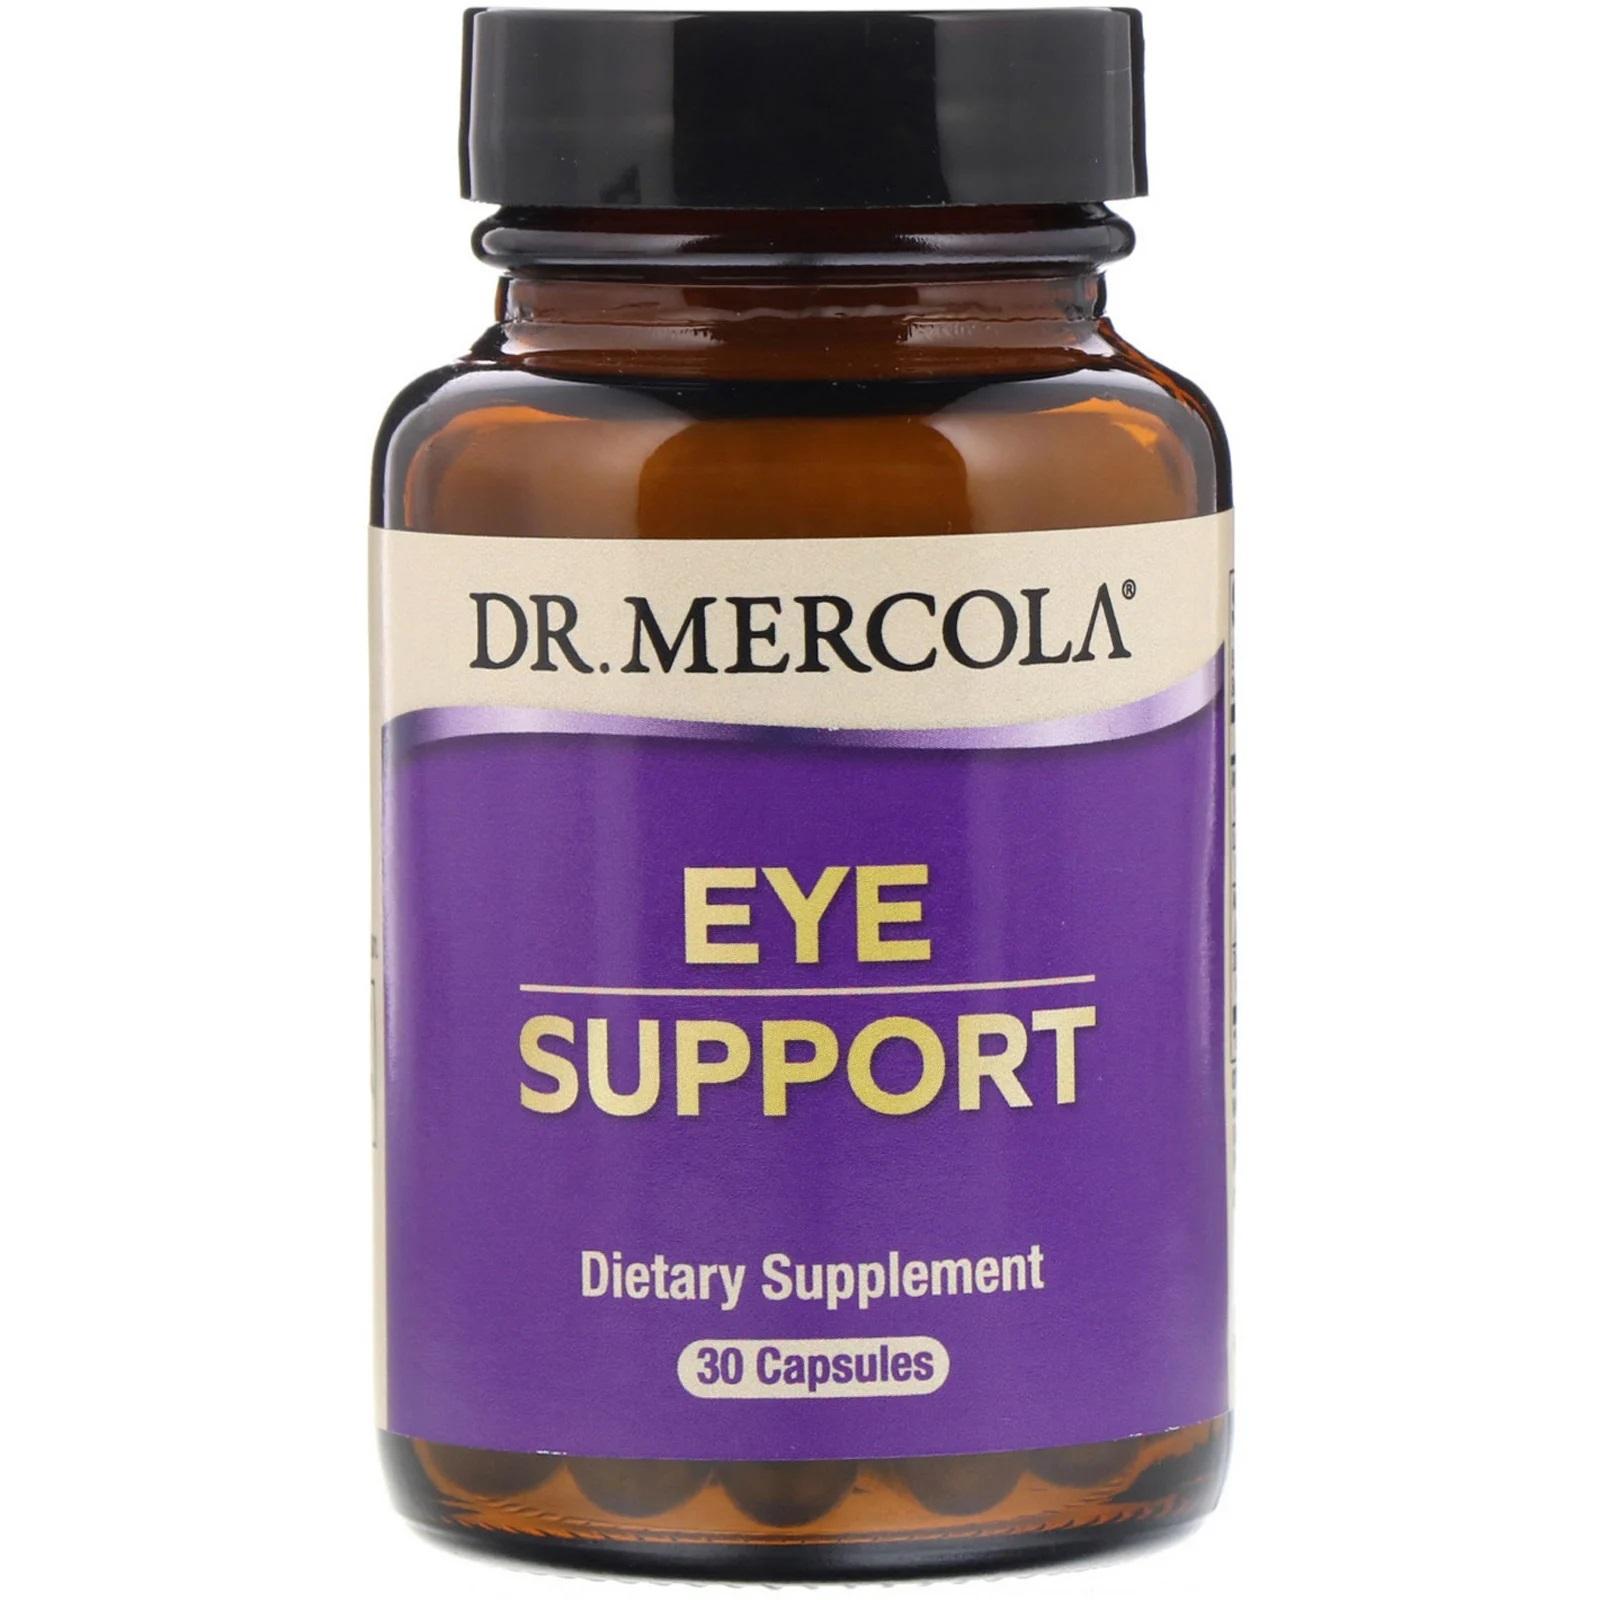 Image of Dr. Mercola, Supporto di occhio con luteina, 30 Capsules 0813006012355